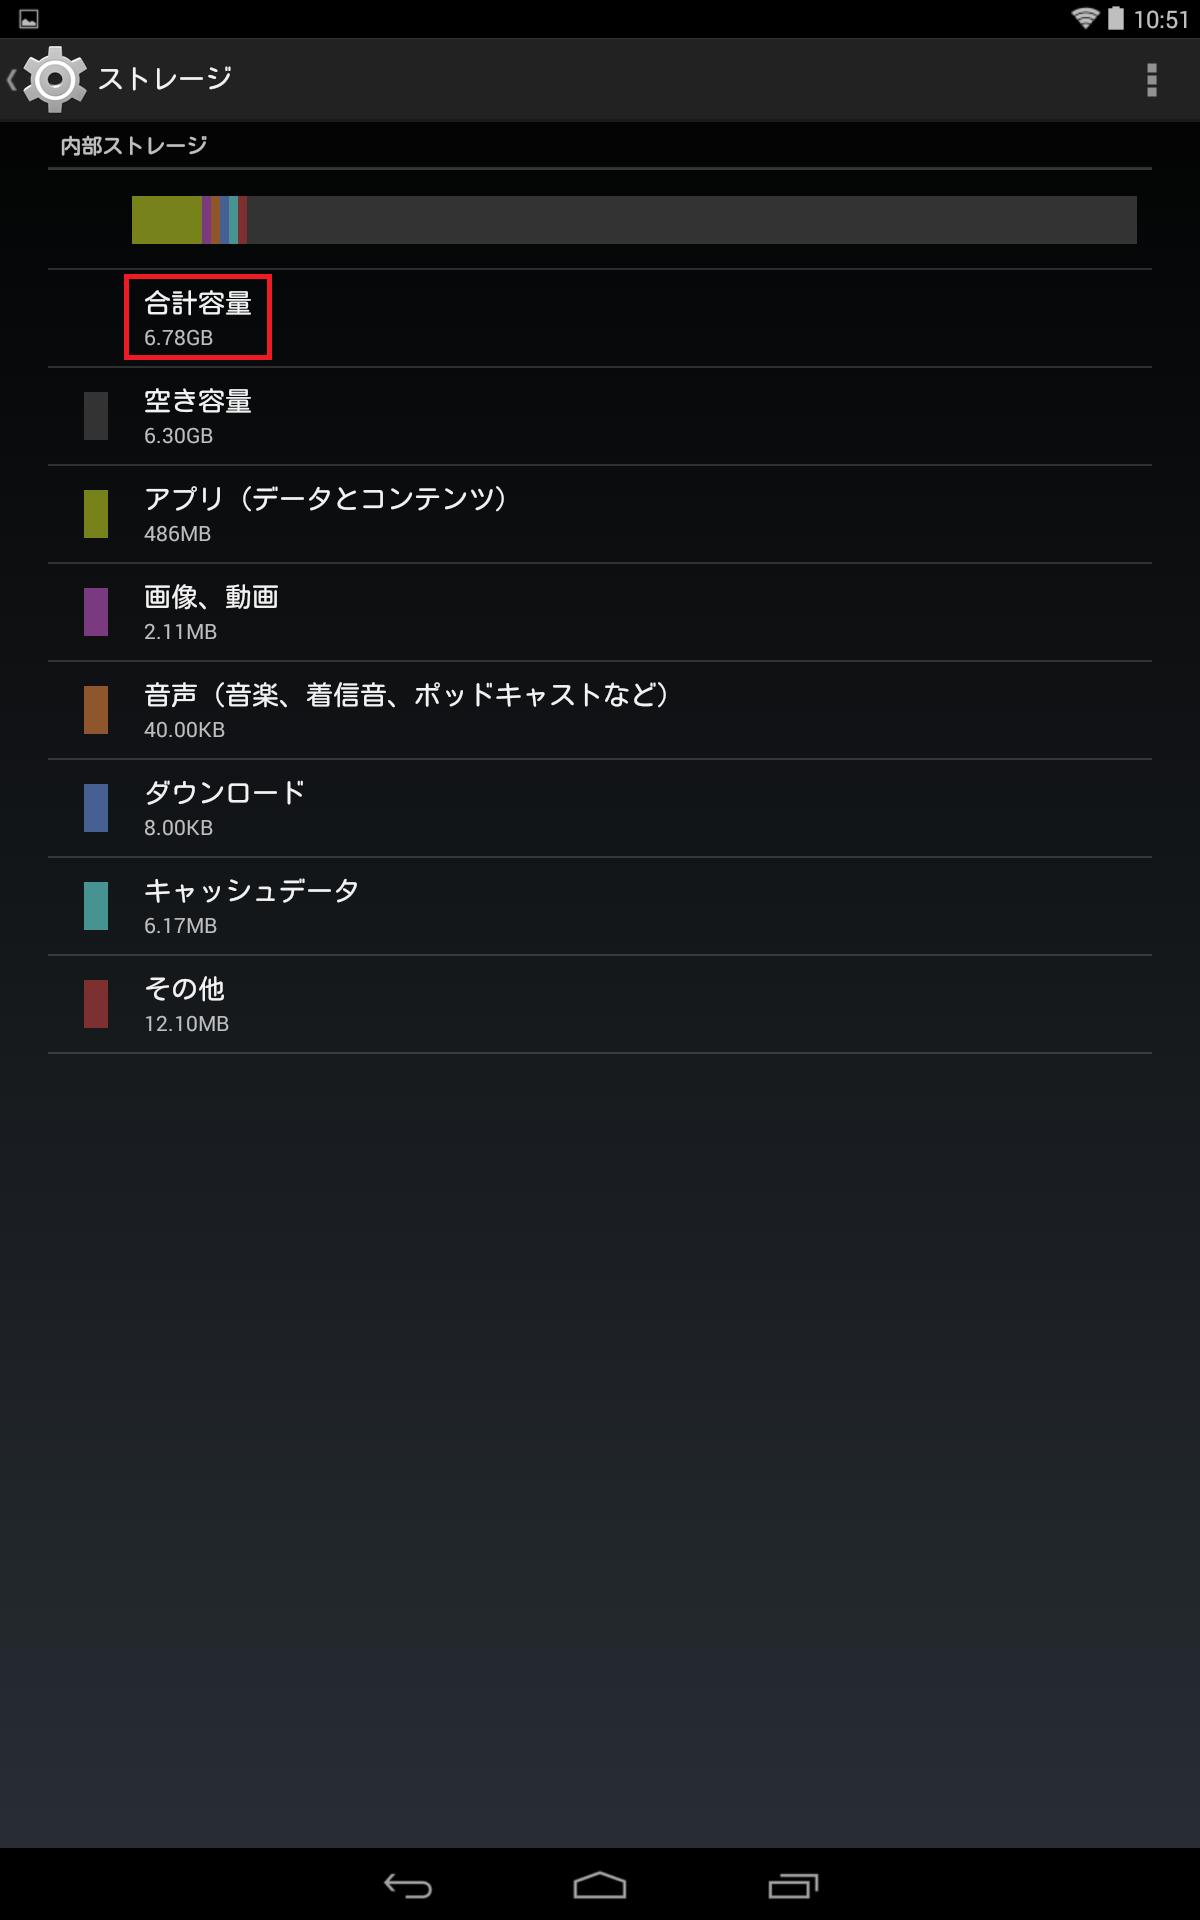 【Chuwi Hi8】Windows10にしたら容量不足(汗)けど謎の5.7GBの空き容量があった!